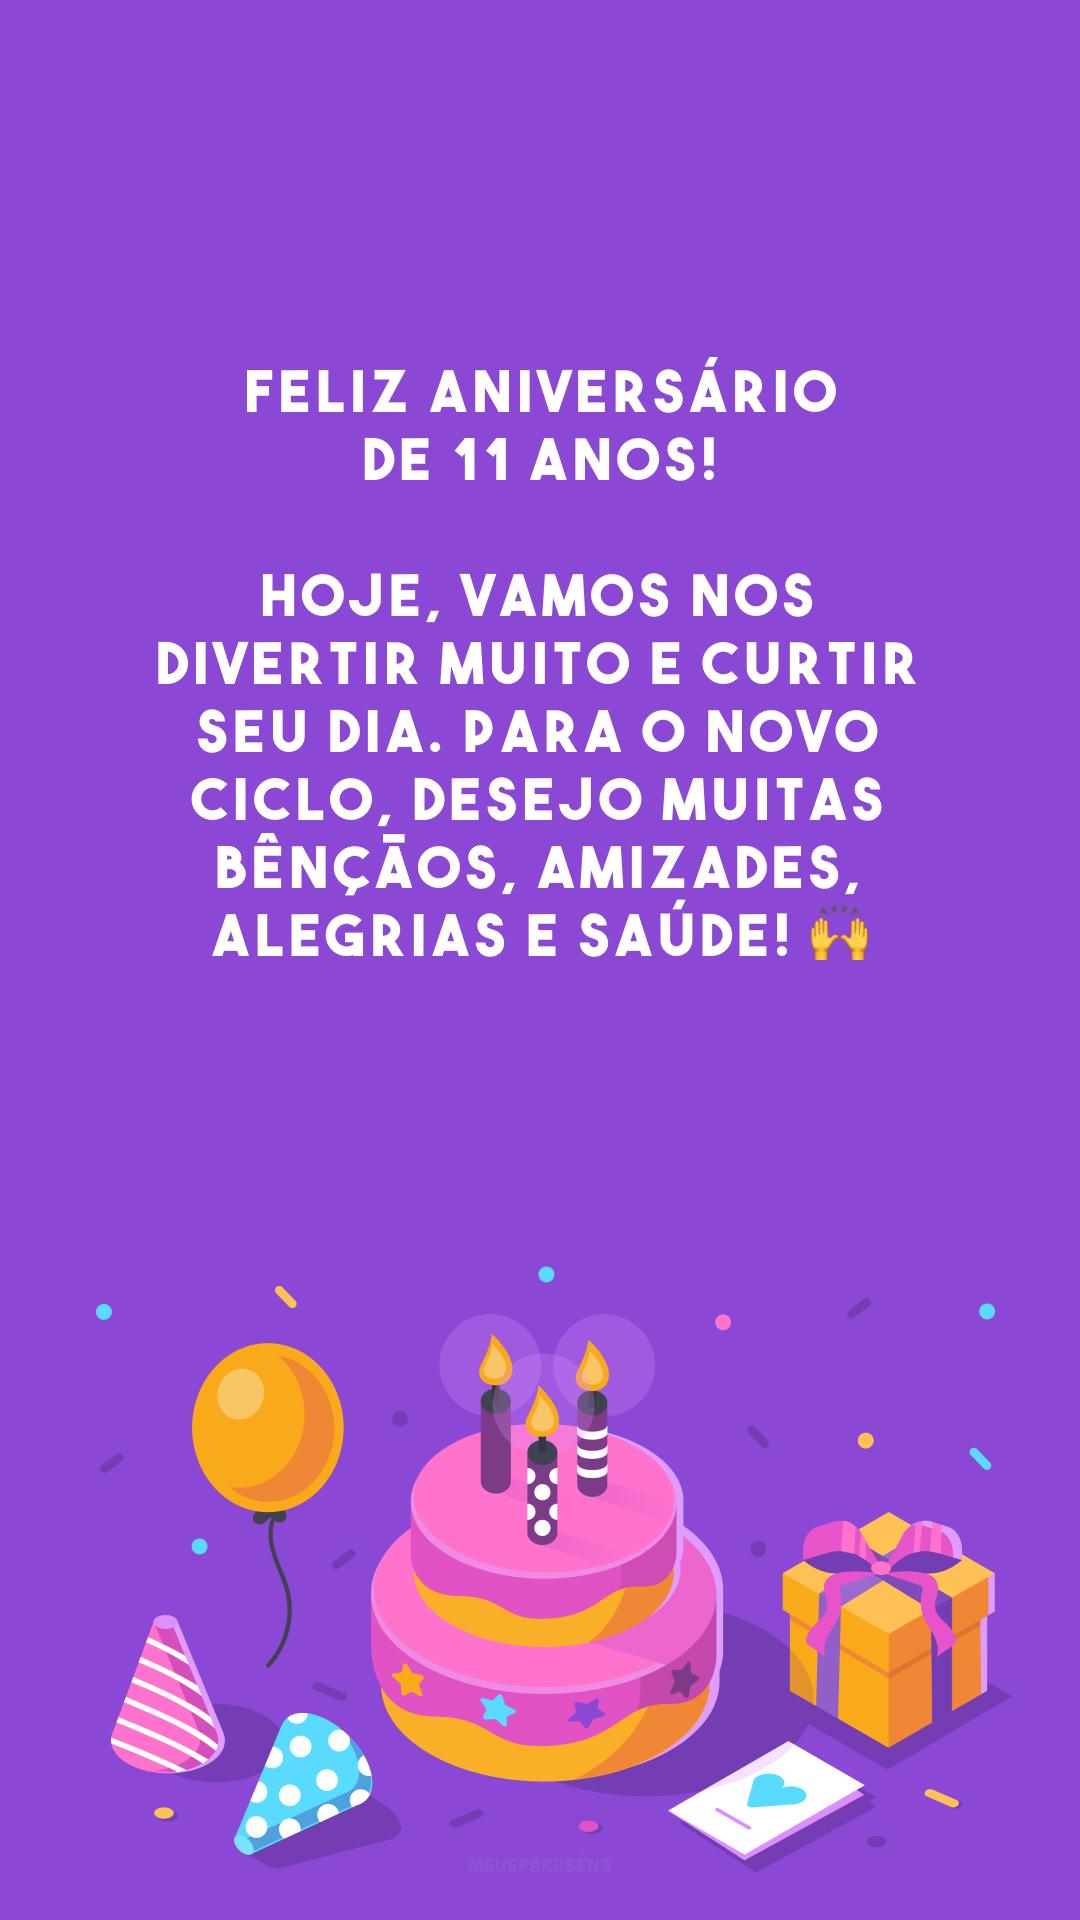 Feliz aniversário de 11 anos! Hoje, vamos nos divertir muito e curtir seu dia. Para o novo ciclo, desejo muitas bênçãos, amizades, alegrias e saúde! 🙌